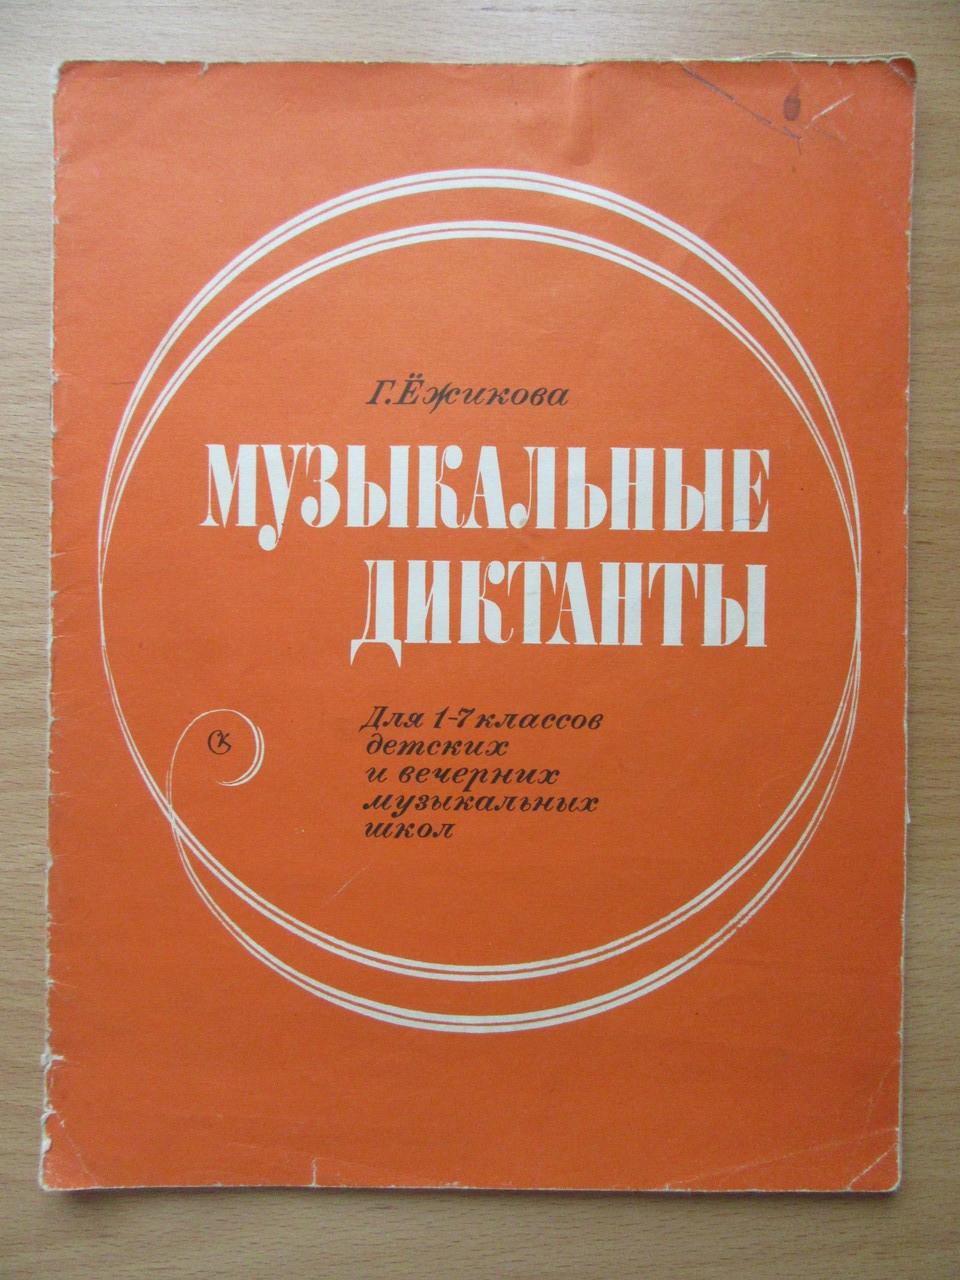 Г.Ёжикова. Музыкальные диктанты. Для 1-7 классов детских и вечерних музыкальных школ